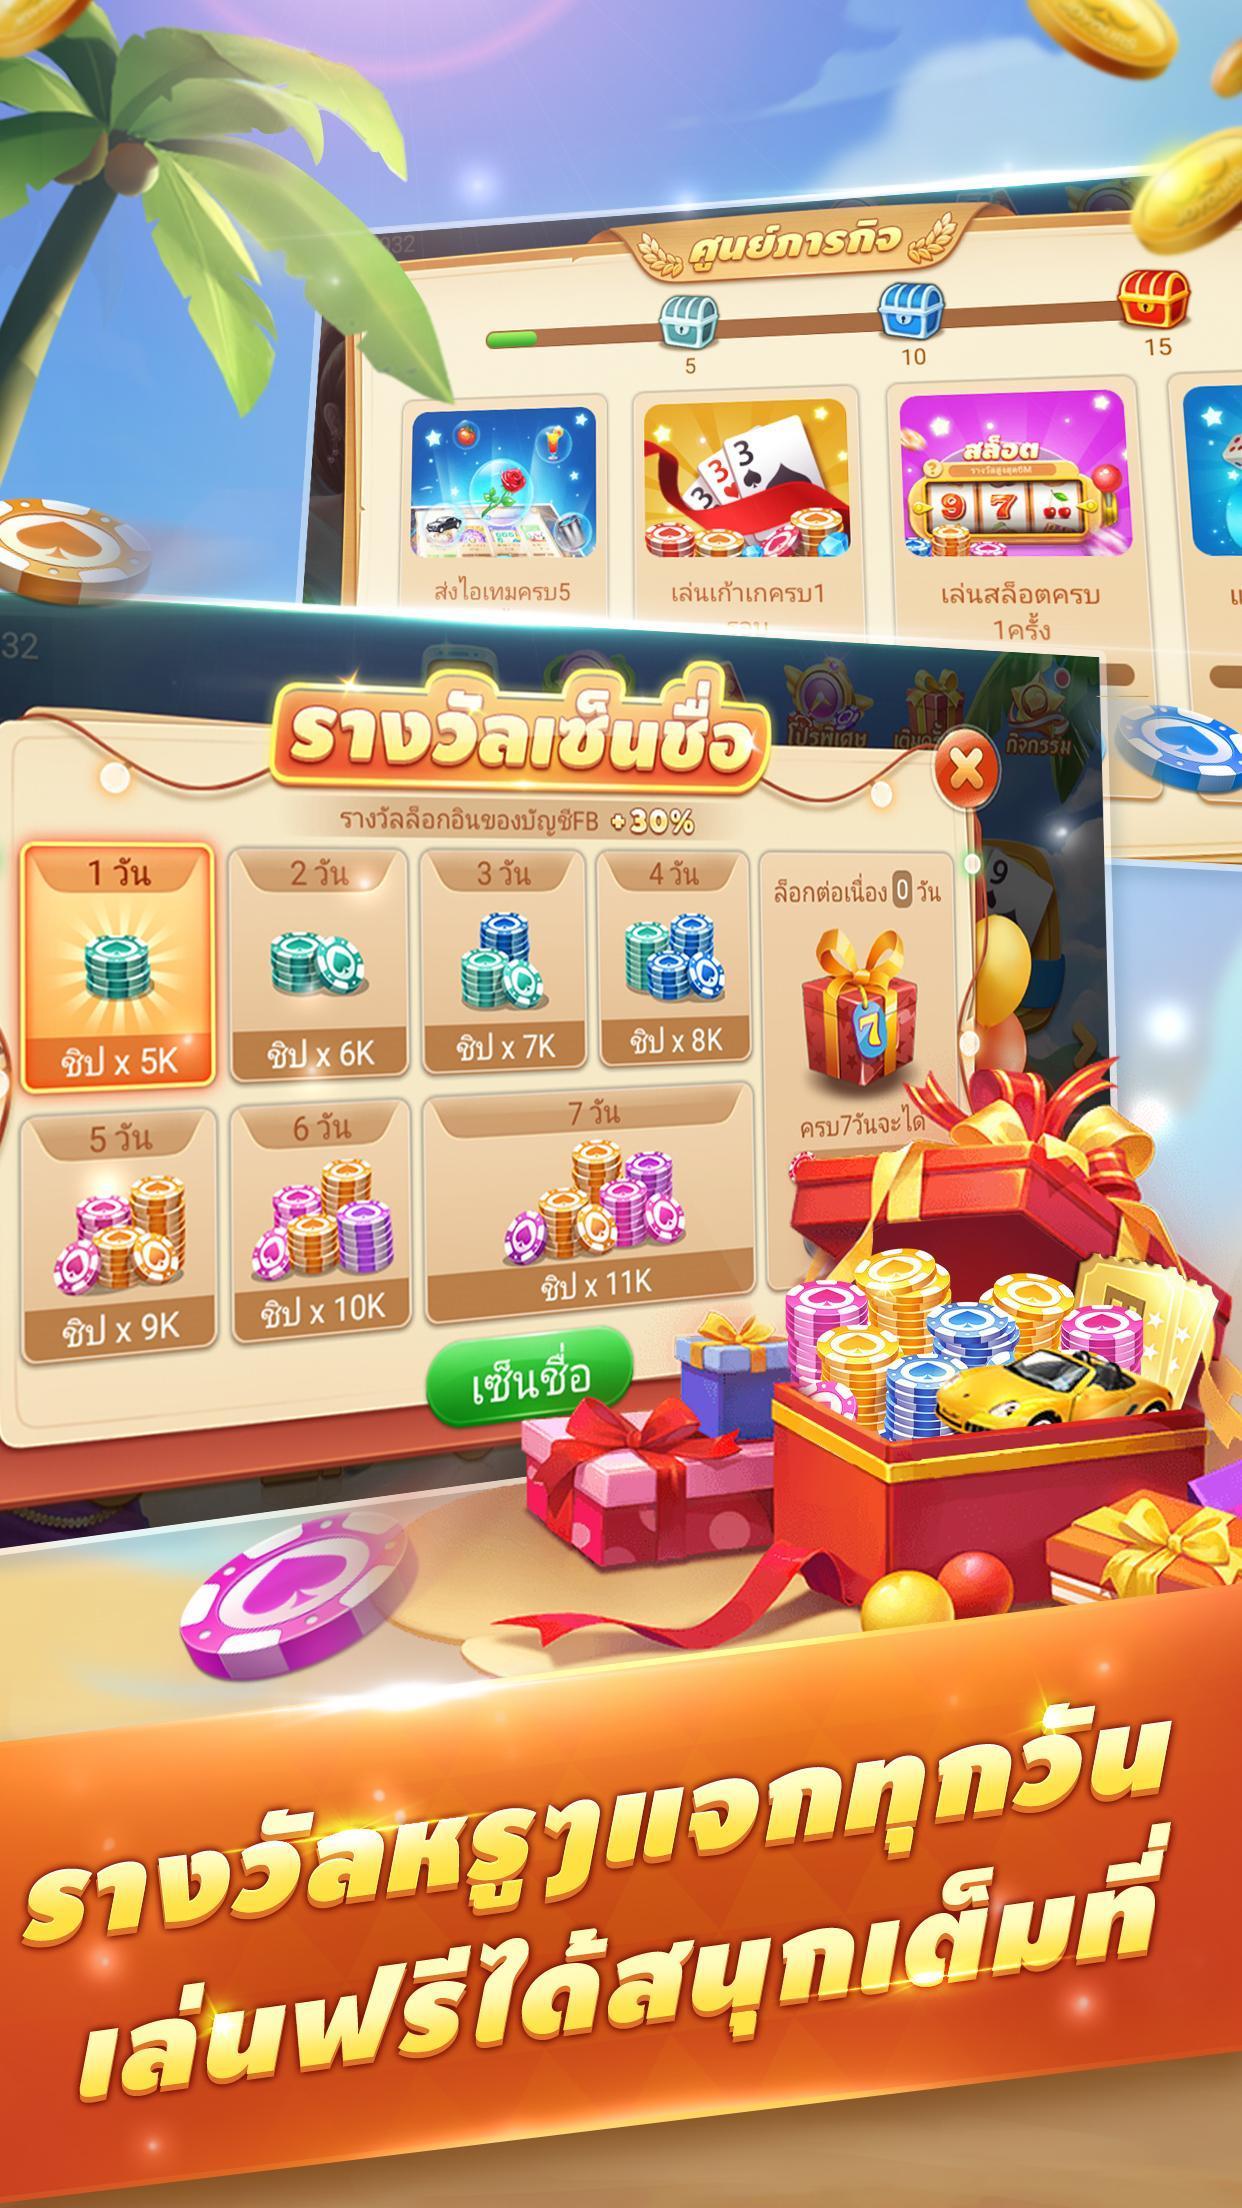 ไพ่แคง-รวมดัมมี่dummy เก้าเก ป๊อกเด้ง เกมไพ่ฟรี 2.1.4 Screenshot 3